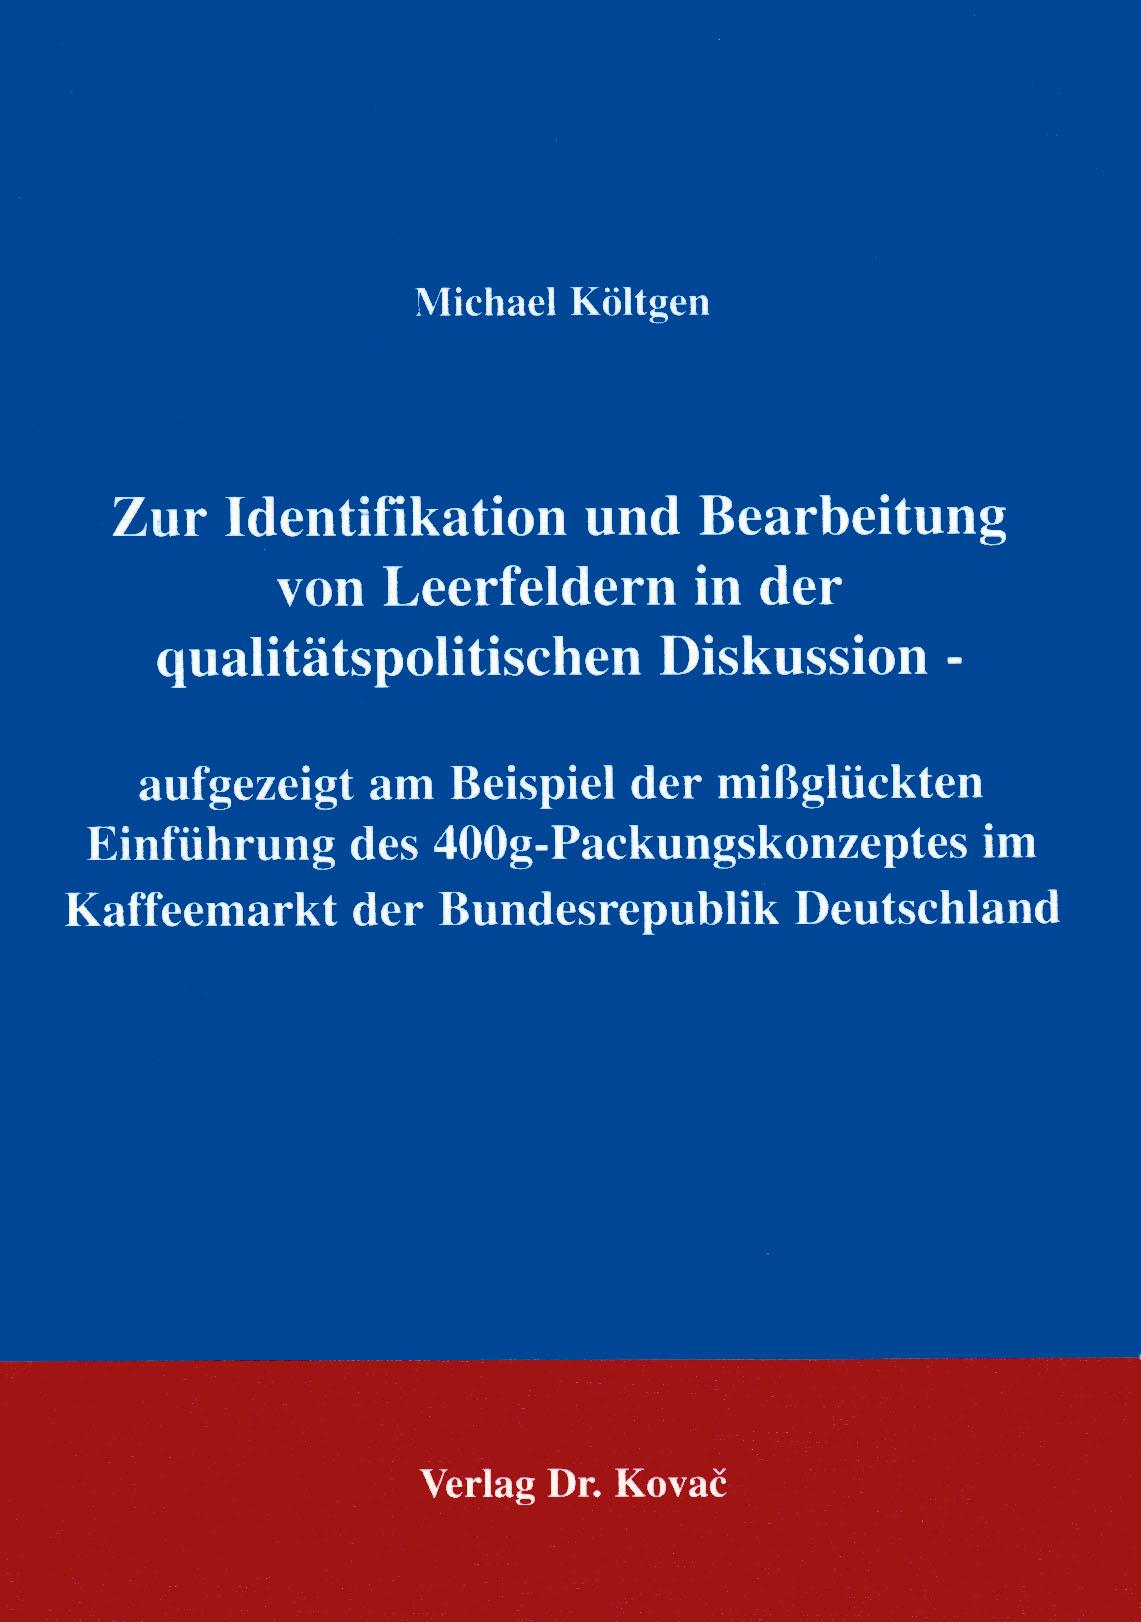 Cover: Zur Identifikation und Bearbeitung von Leerfeldern in der qualitätspolitischen Diskussion